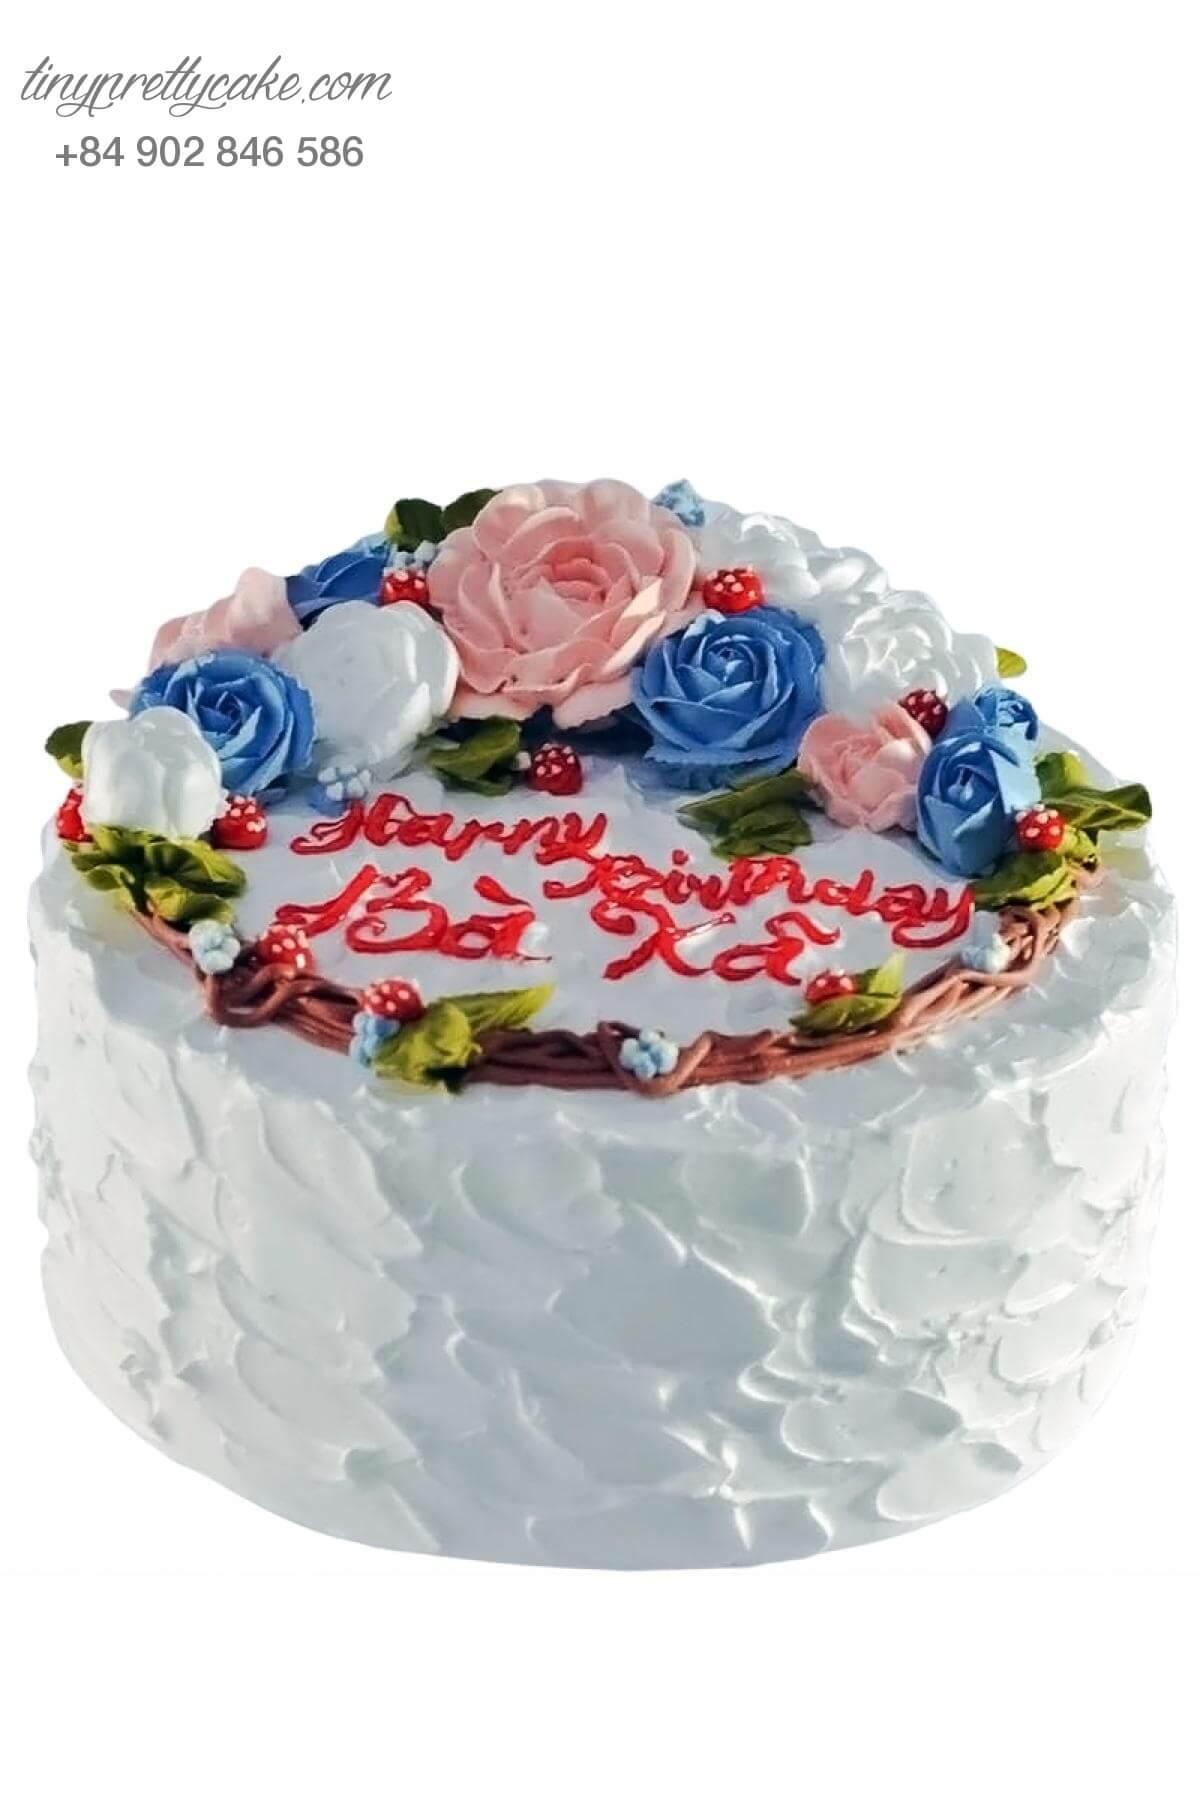 bánh sinh nhật kem bơ bà xã